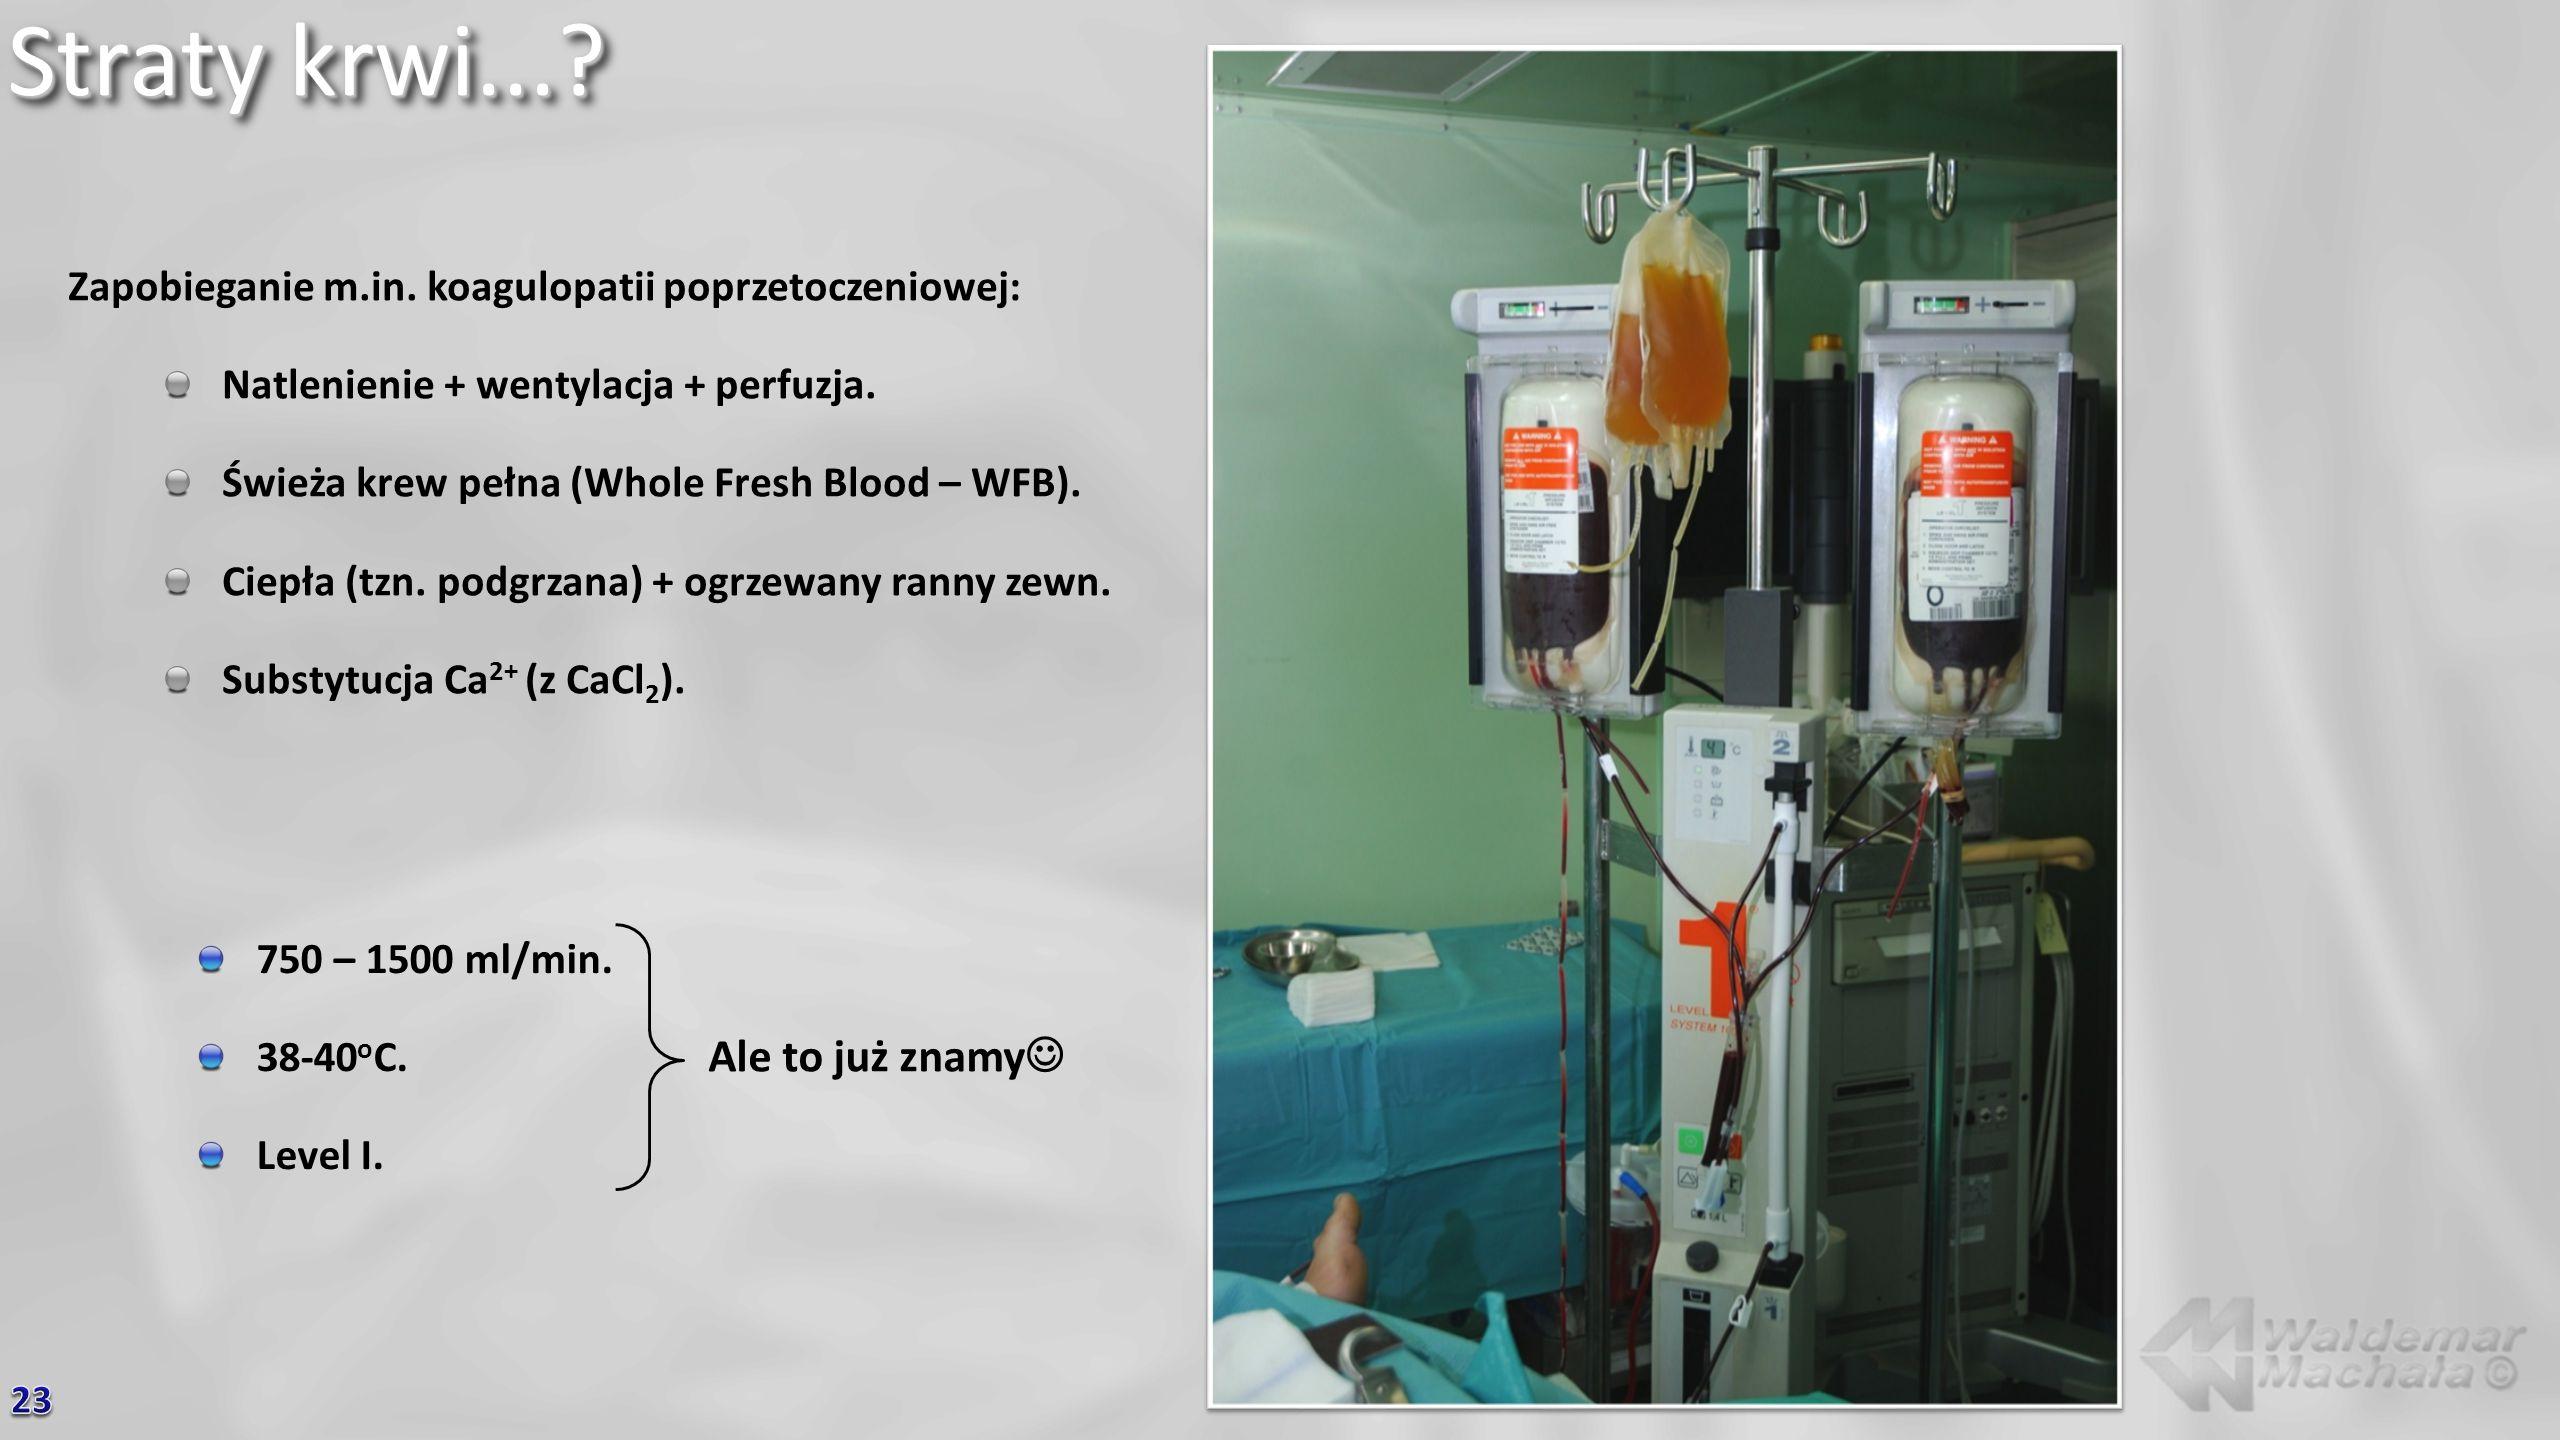 Straty krwi...? 750 – 1500 ml/min. 38-40 o C. Level I. Ale to już znamy Zapobieganie m.in. koagulopatii poprzetoczeniowej: Natlenienie + wentylacja +